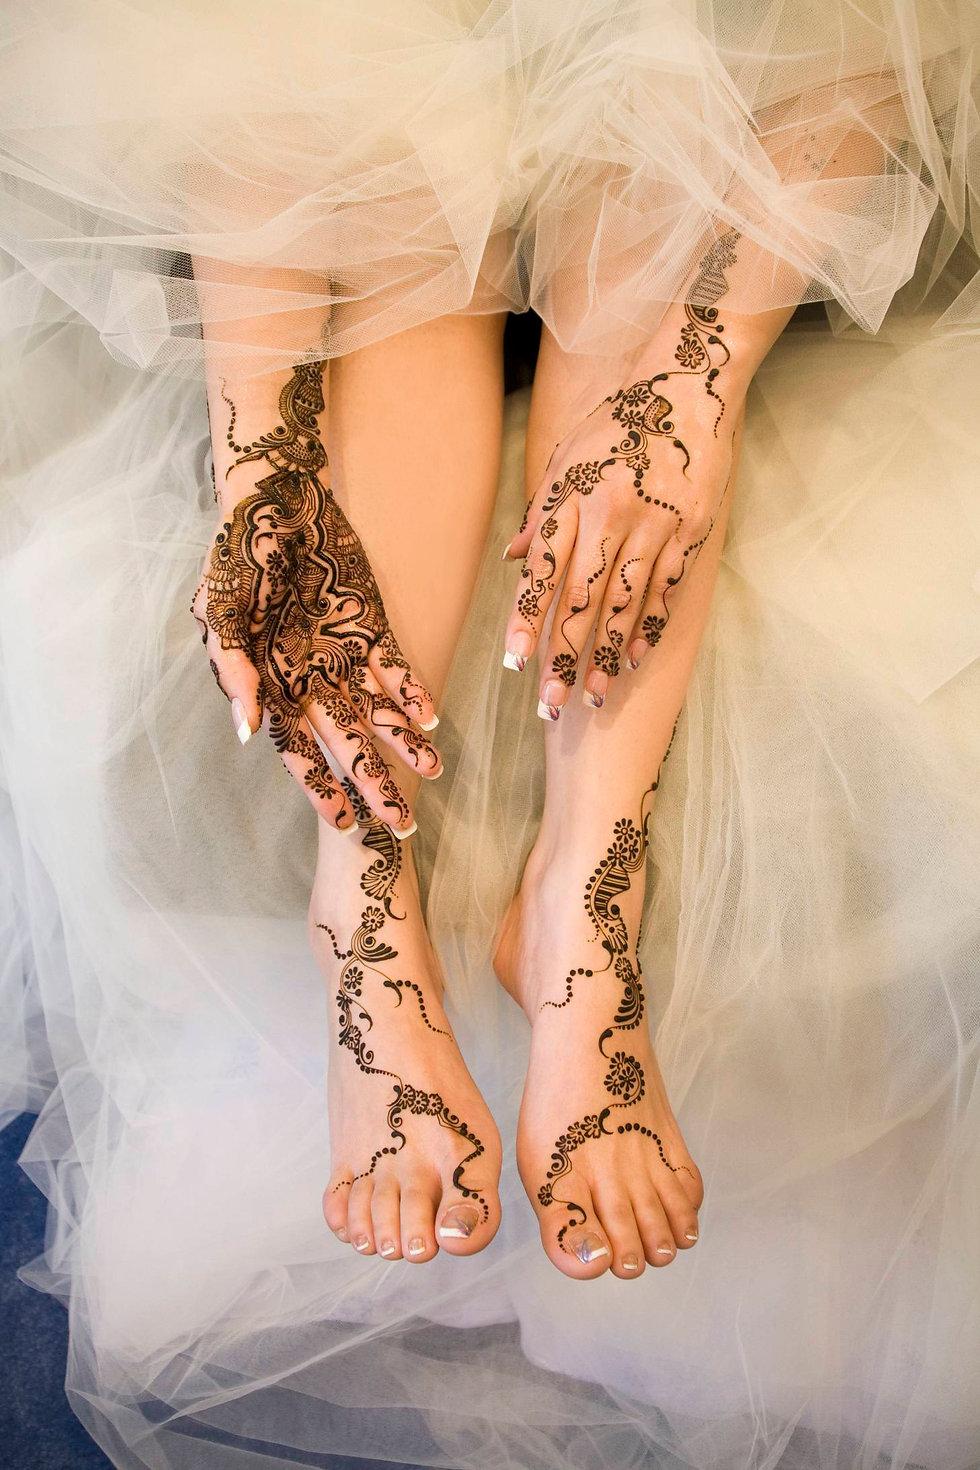 Online Henna course